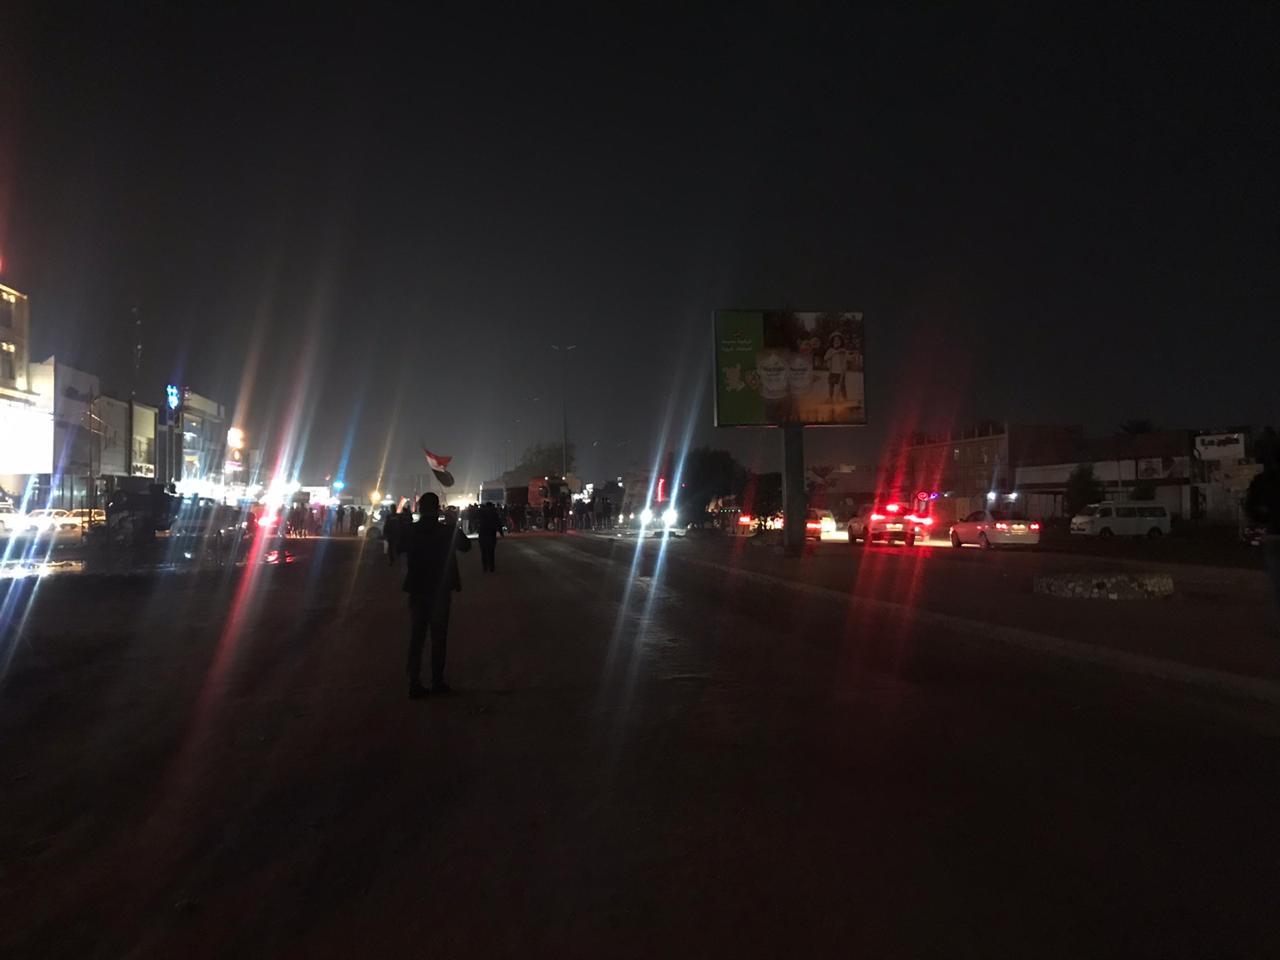 المتظاهرون في بابل يغلقون مجسر الثورة في بابل